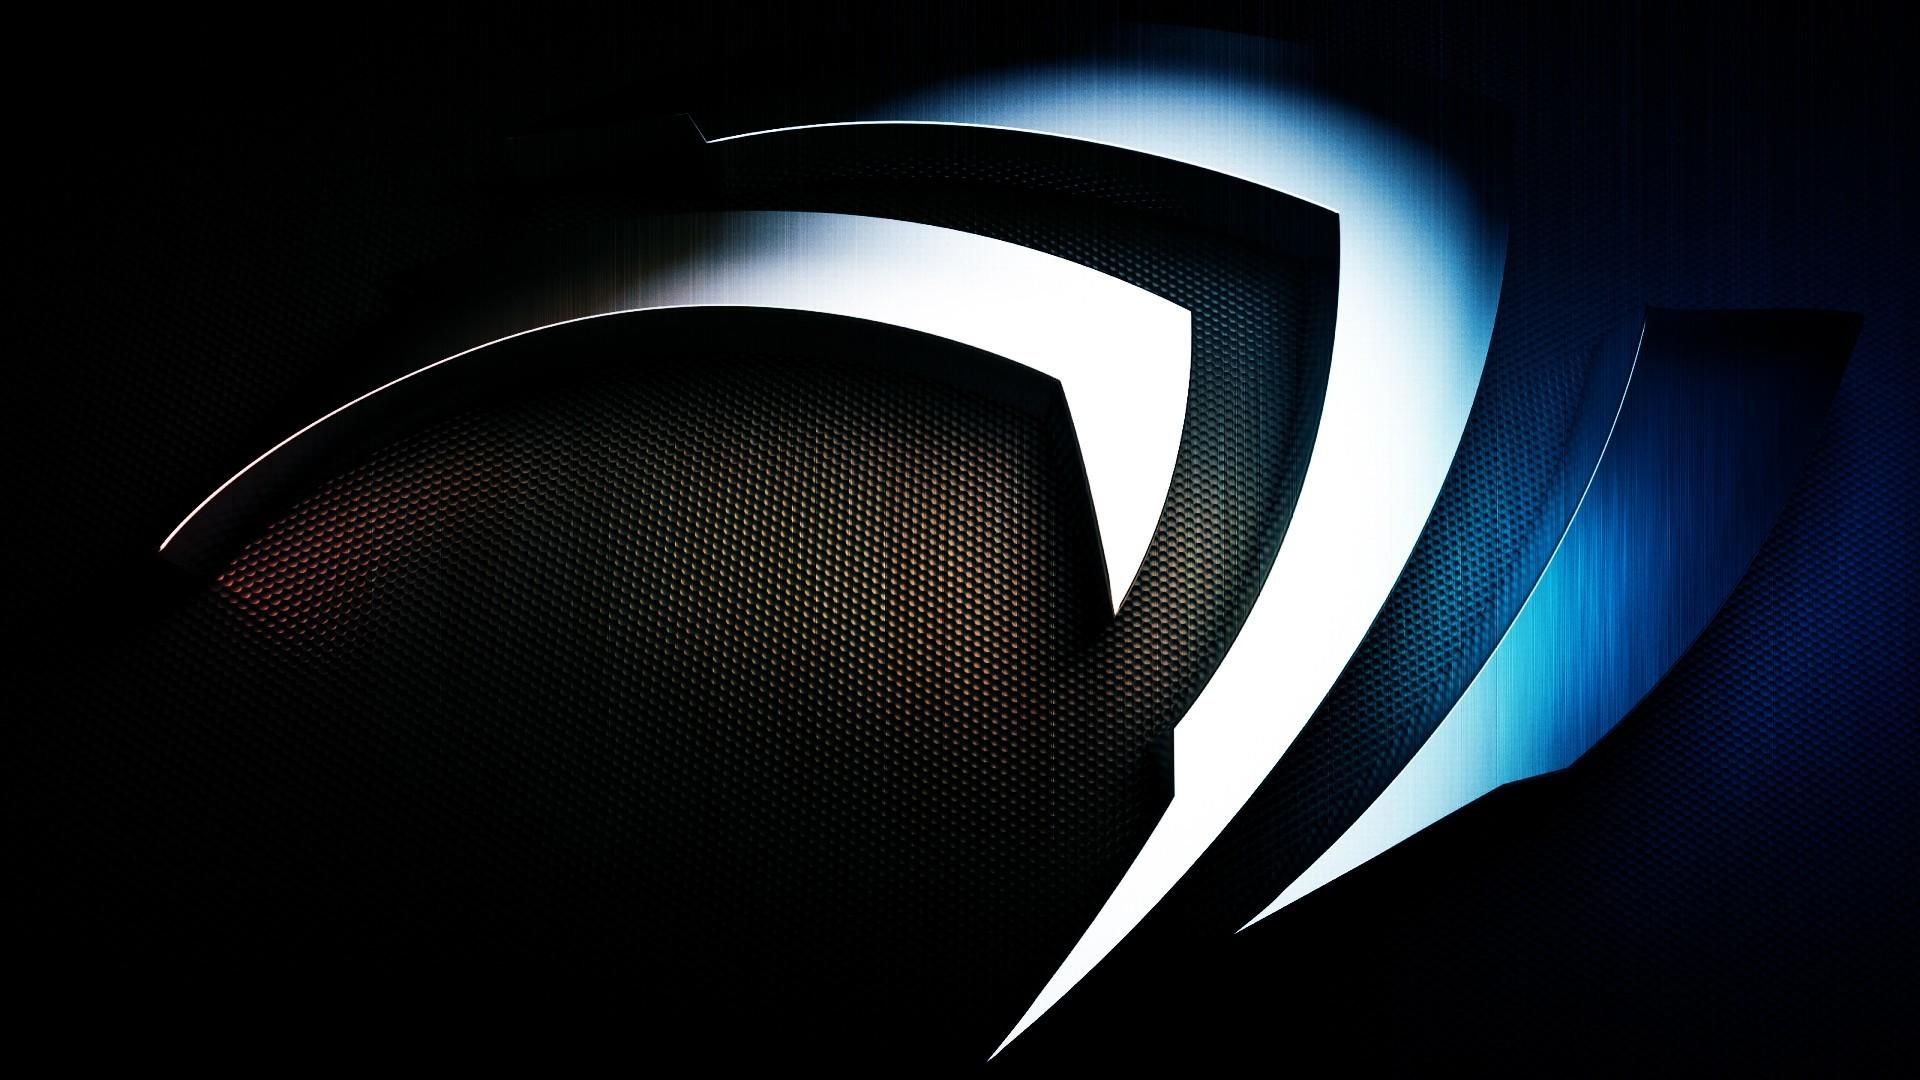 Nvidia computer wallpapers desktop backgrounds - 1920x1080 wallpaper nvidia ...